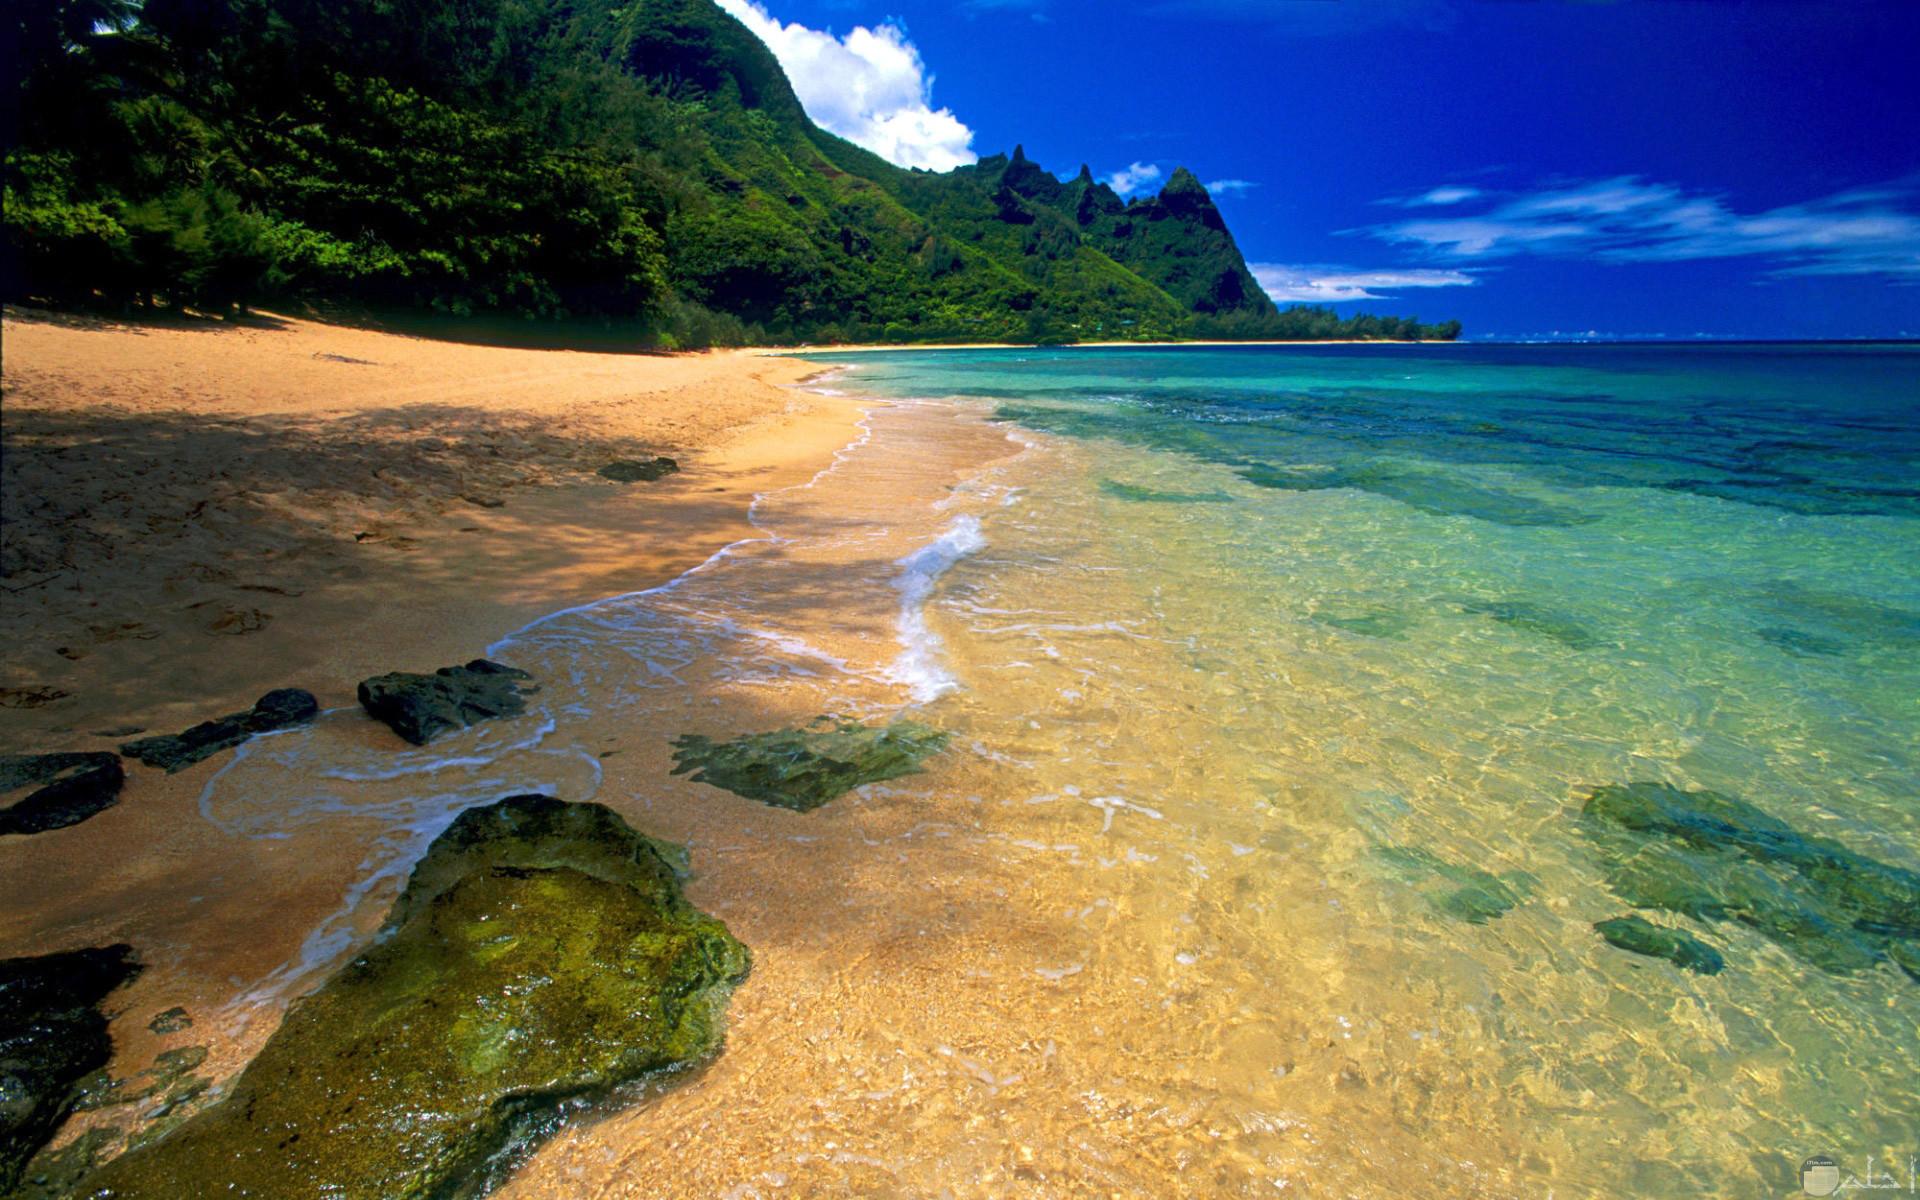 سحر الشواطئ و الماء الصافي الشفاف.